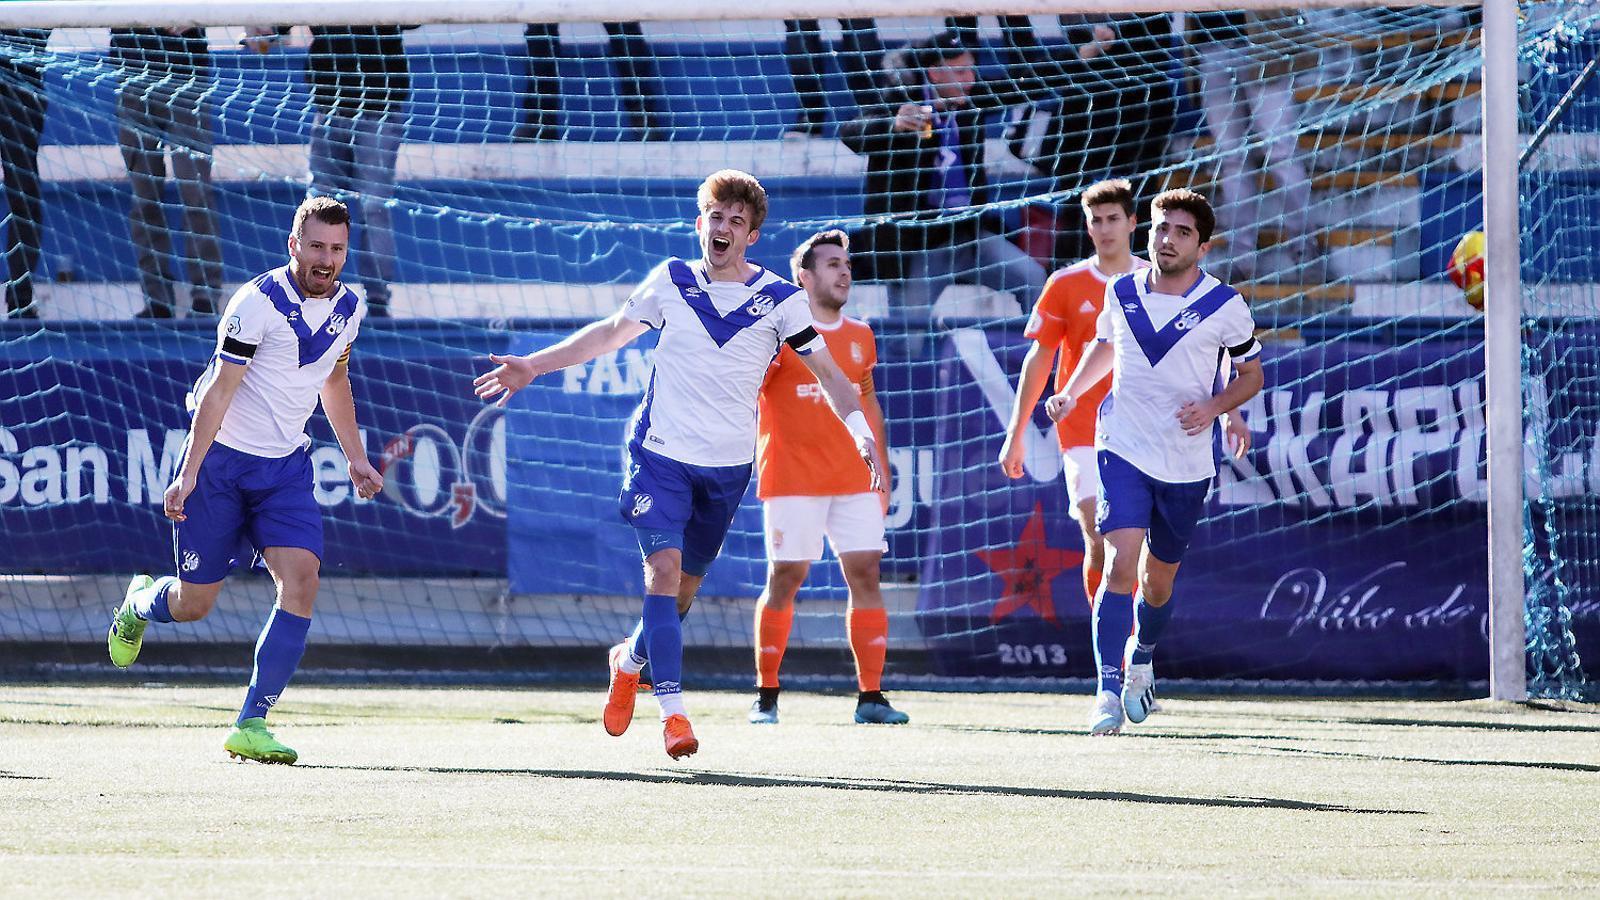 Sergi Pastells, al mig, celebrant un gol de l'Europa contra el Manresa.